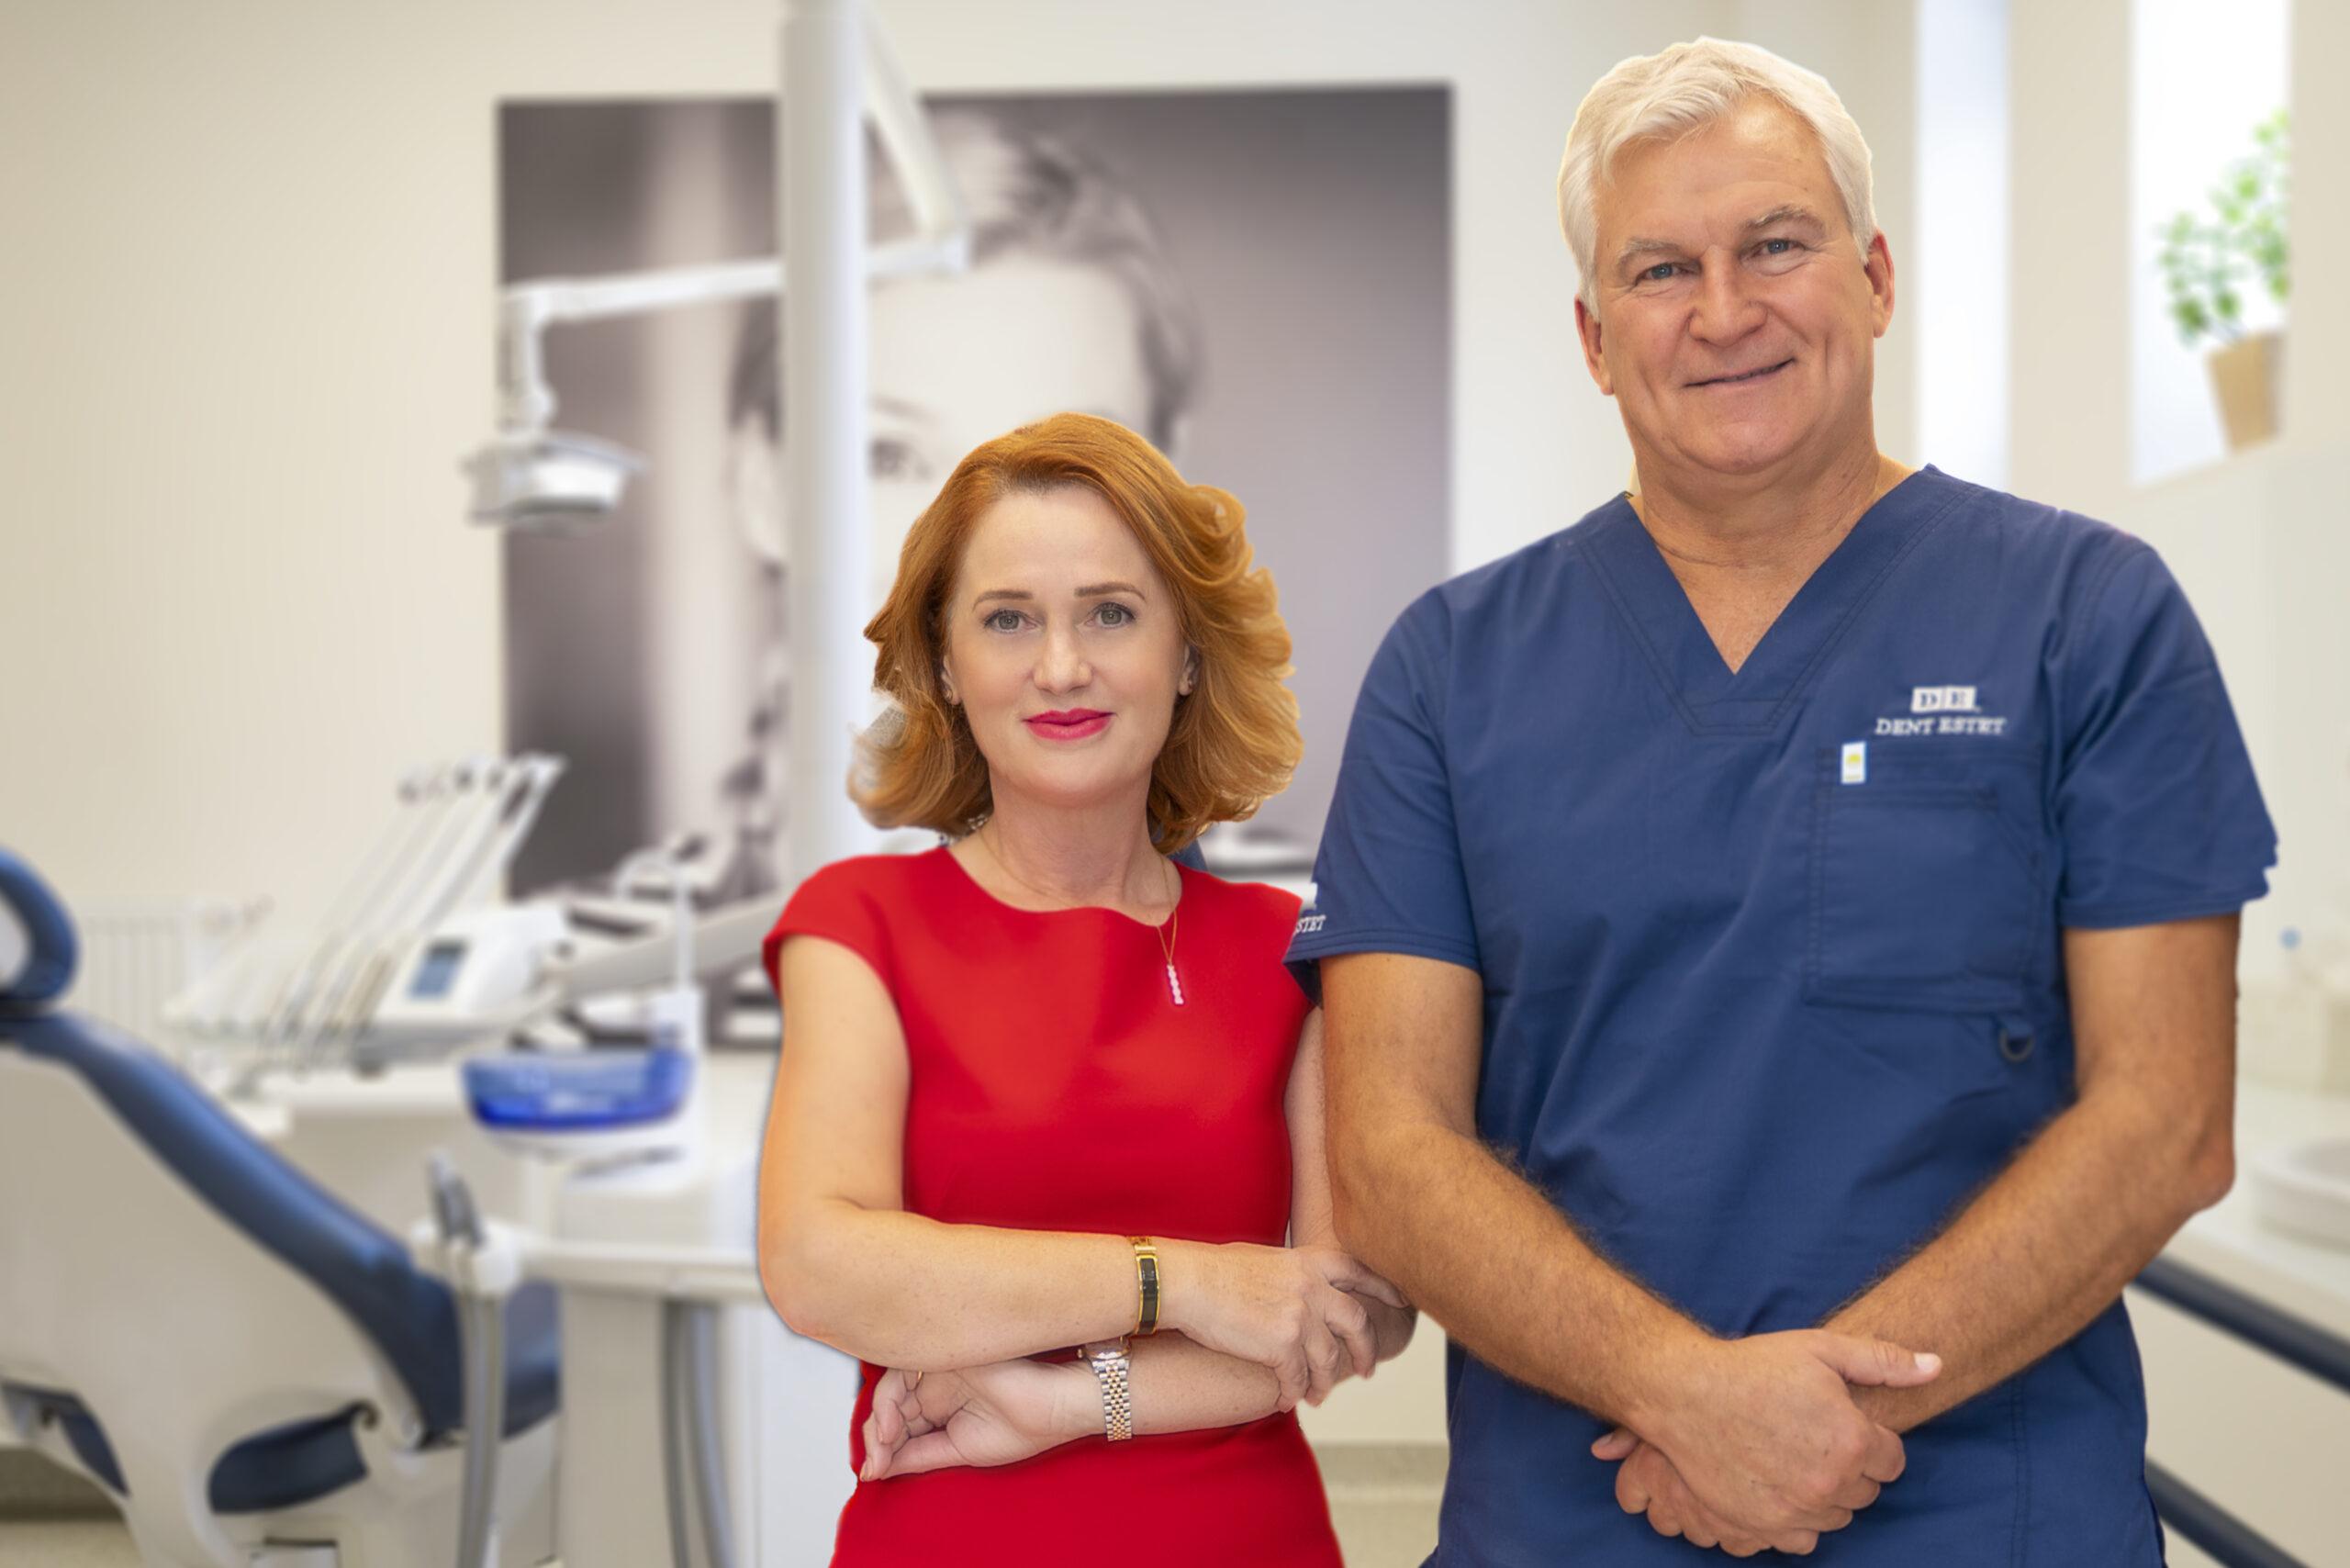 Creatorul implantologiei moderne, Prof. Paulo Malo DDS, va colabora cu echipa de medici specialiști DENT ESTET